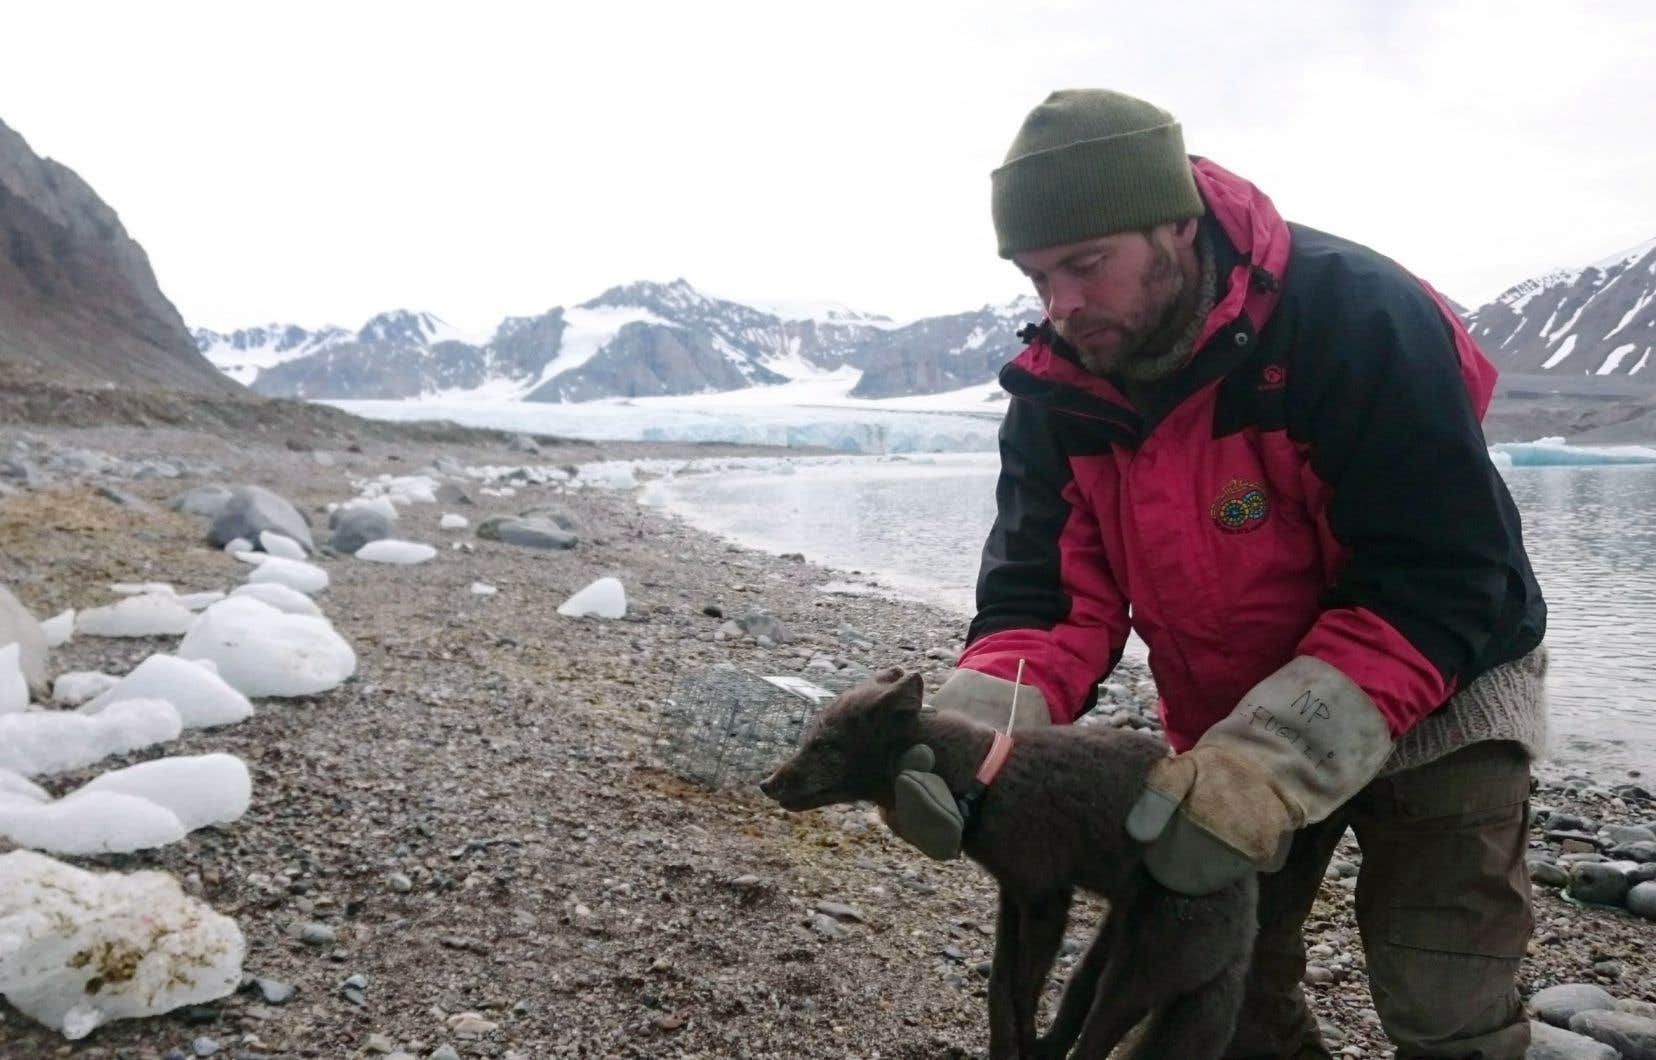 Les scientifiques del'Institut polaire norvégien ont surveillé les déplacements de la renarde à l'aide d'un émetteur satellite.